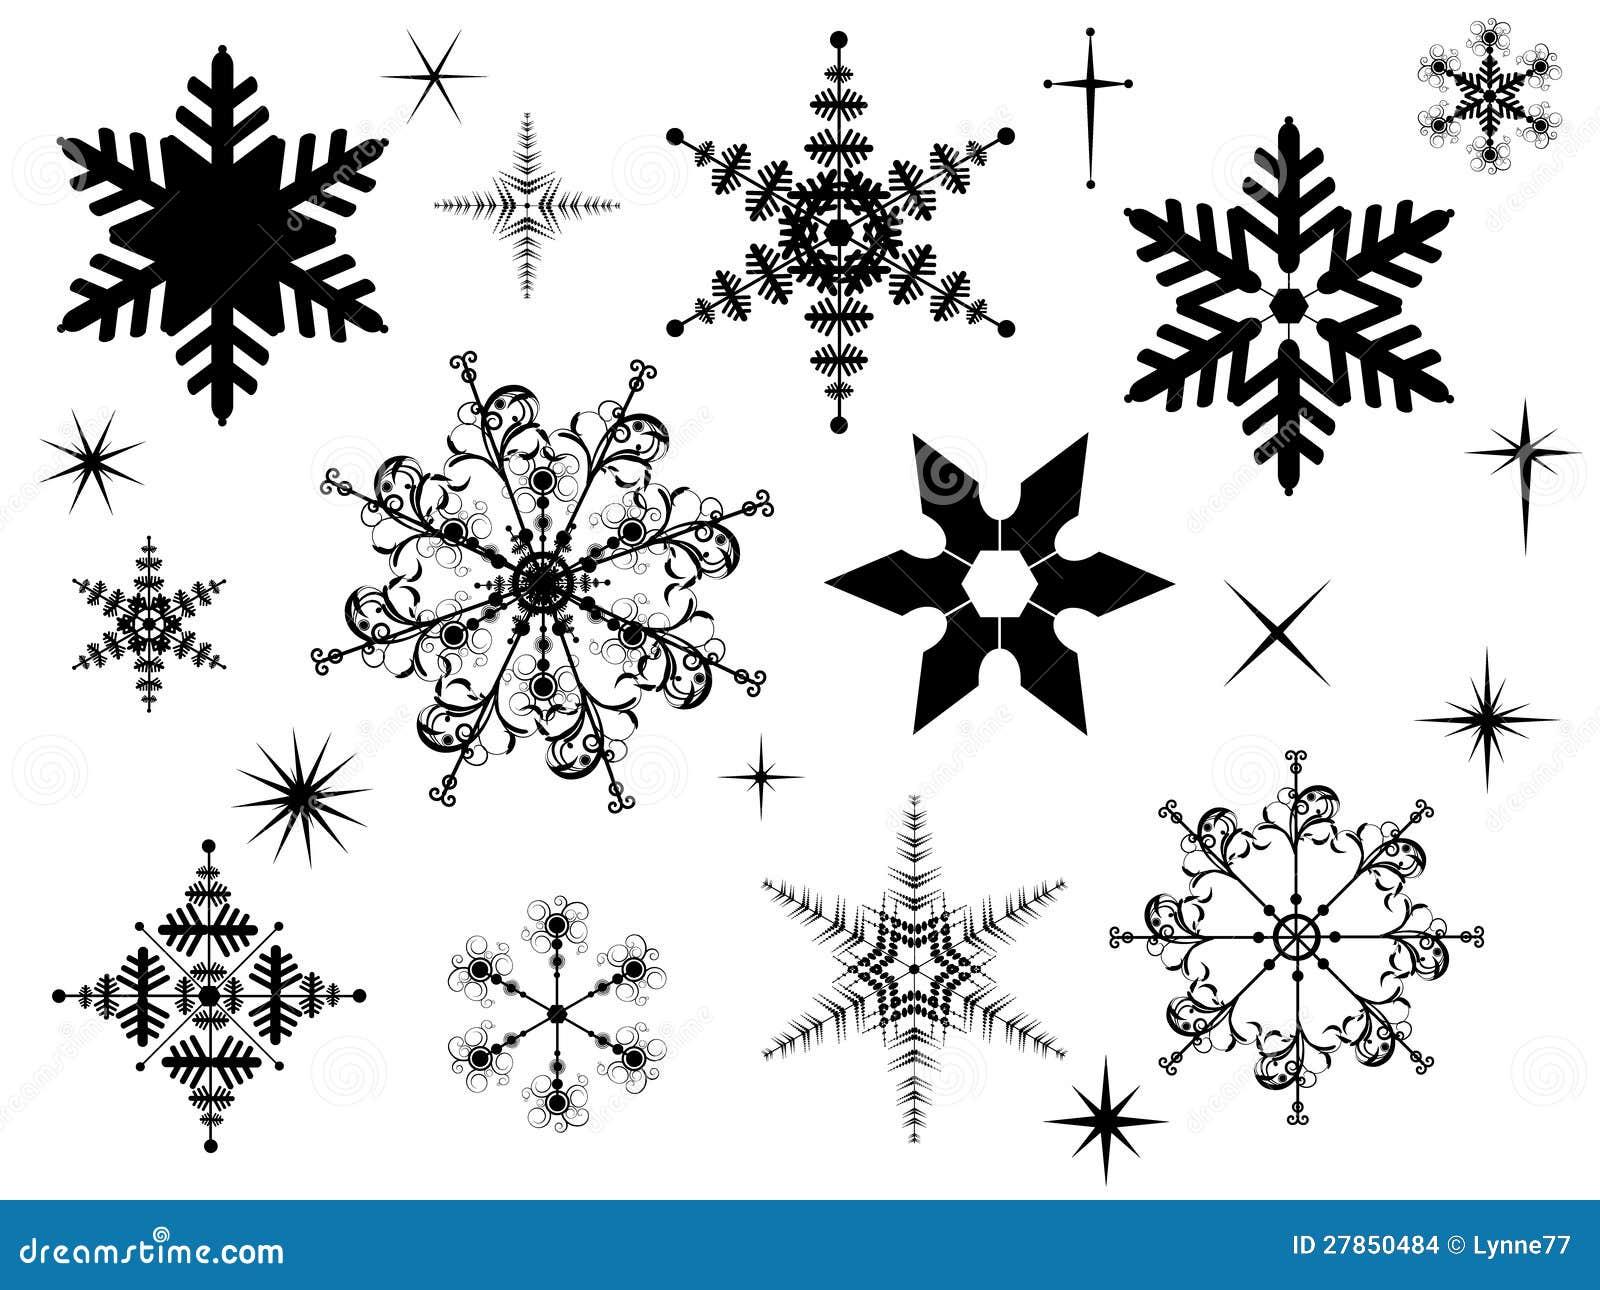 Silhouettes de flocon de neige illustration de vecteur illustration du dessin graphisme 27850484 - Dessin flocon de neige simple ...